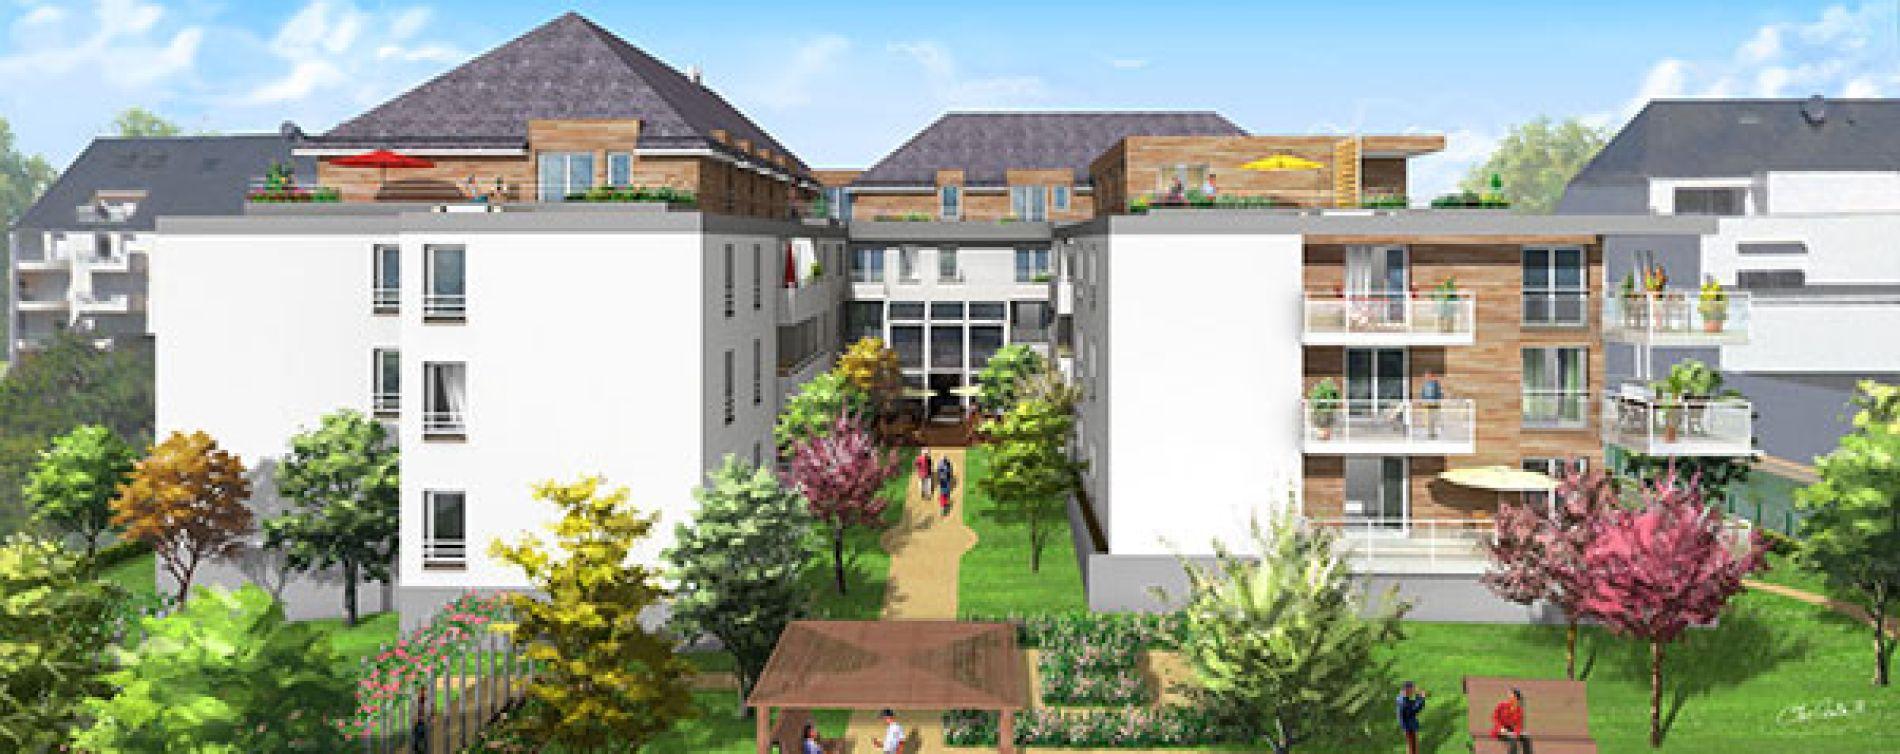 Saint-Avertin : programme immobilier neuve « Les Senioriales de st Avertin »